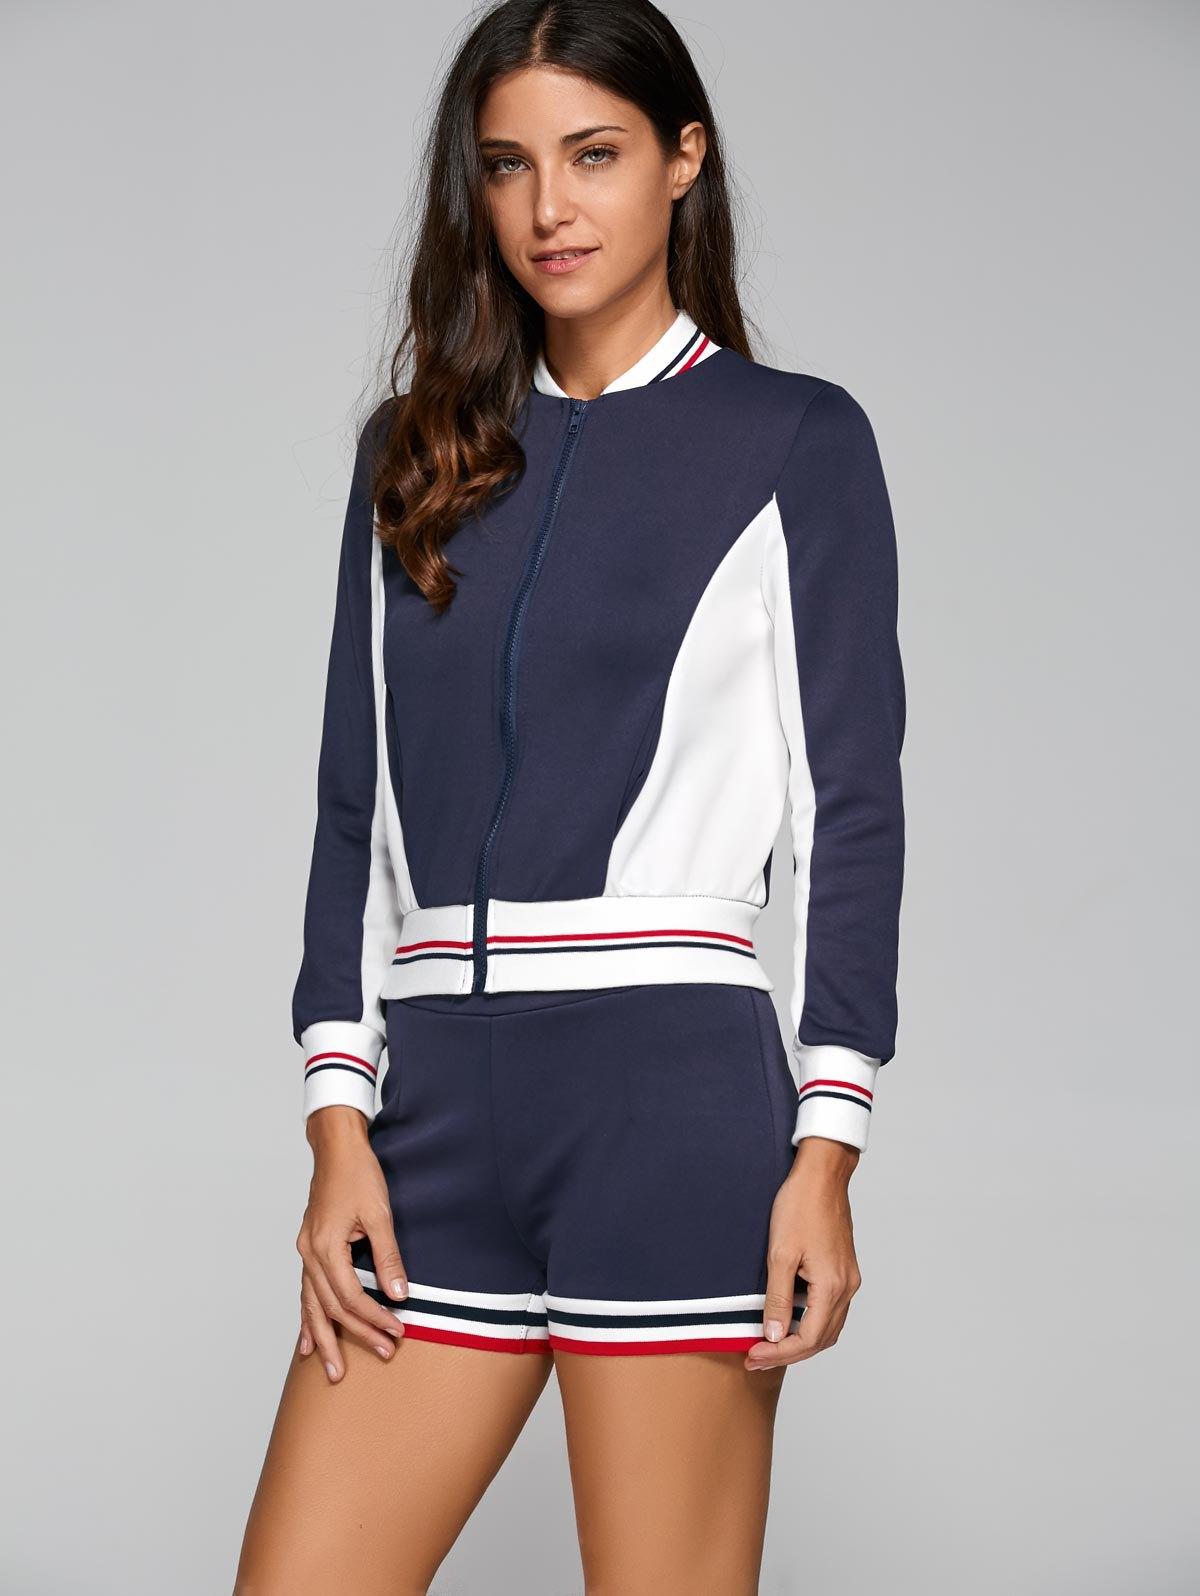 Active Shorts With Baseball Jacket